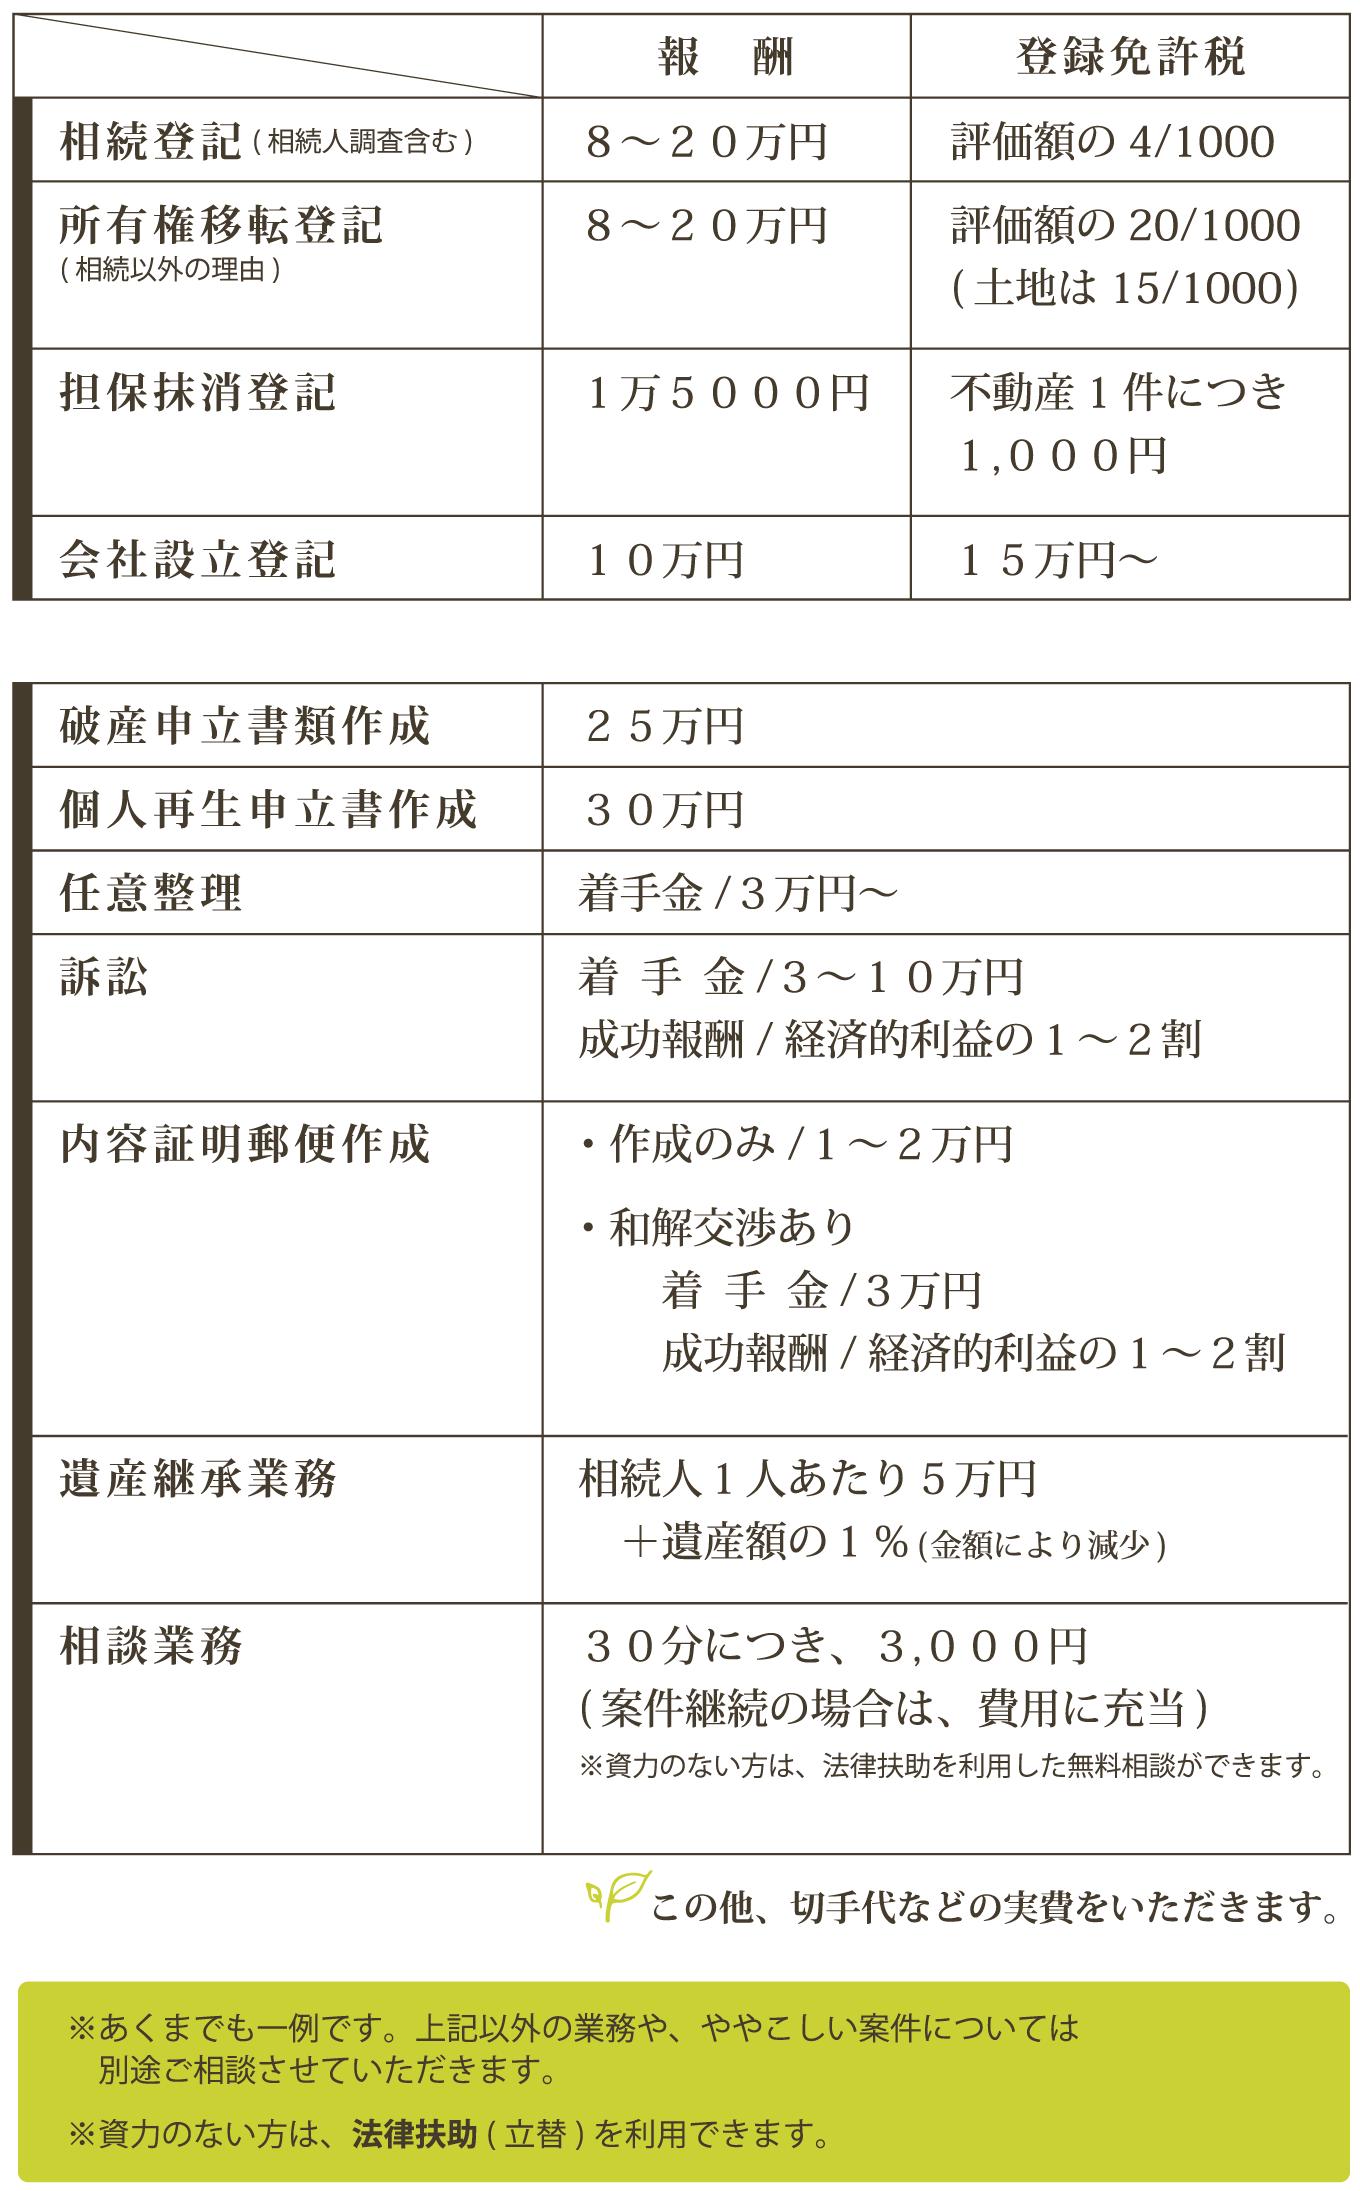 手続き費用(消費税別)